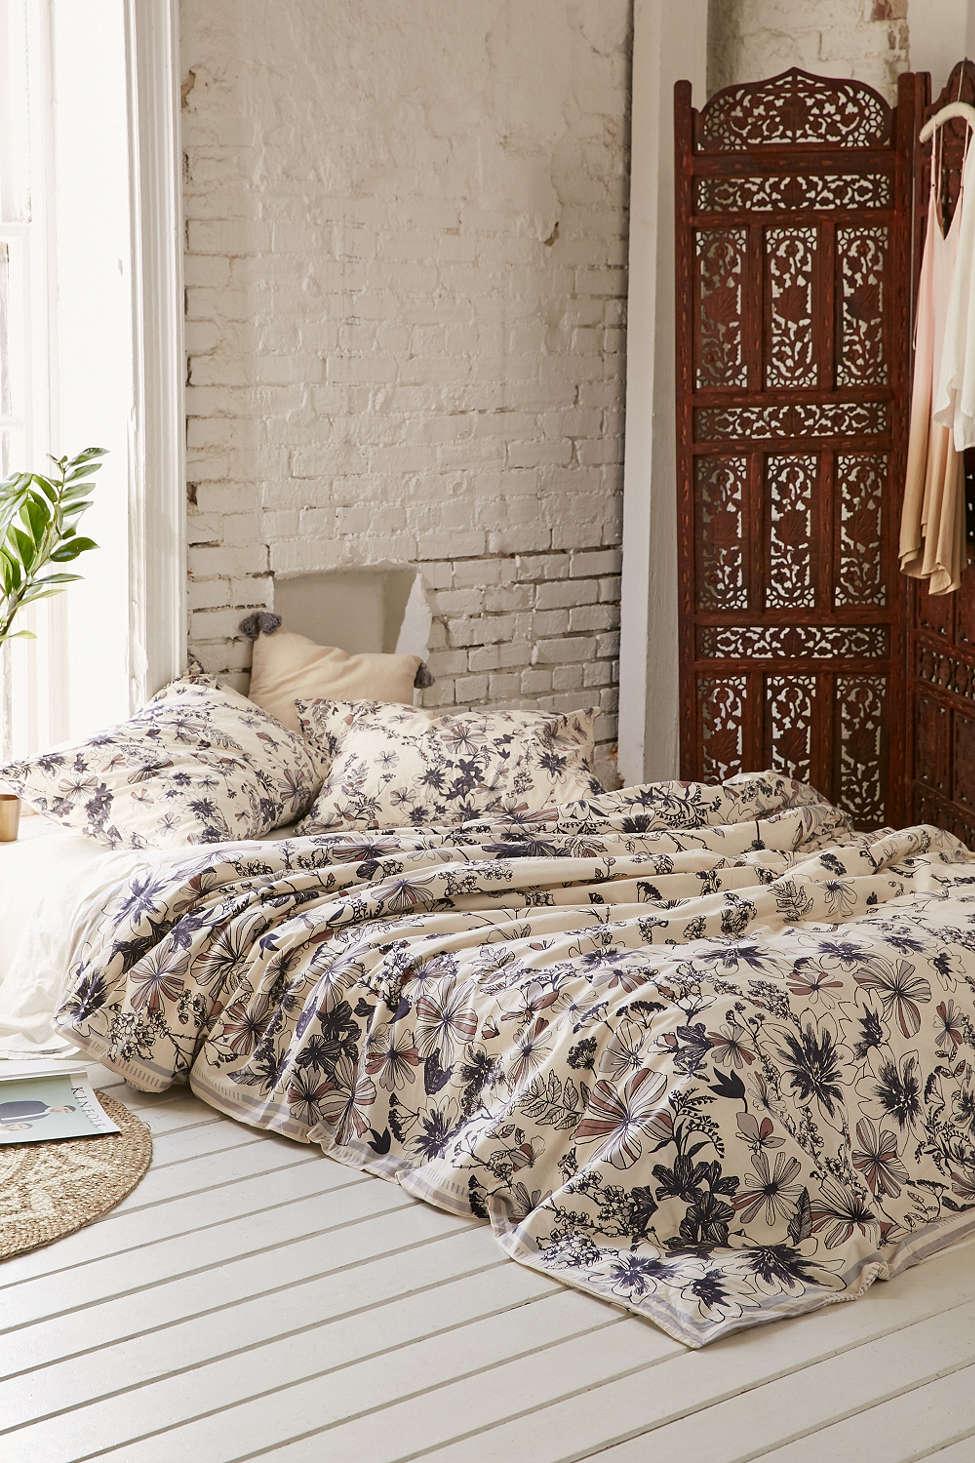 chambre à coucher, housse de couette, fleur, maison, décoration